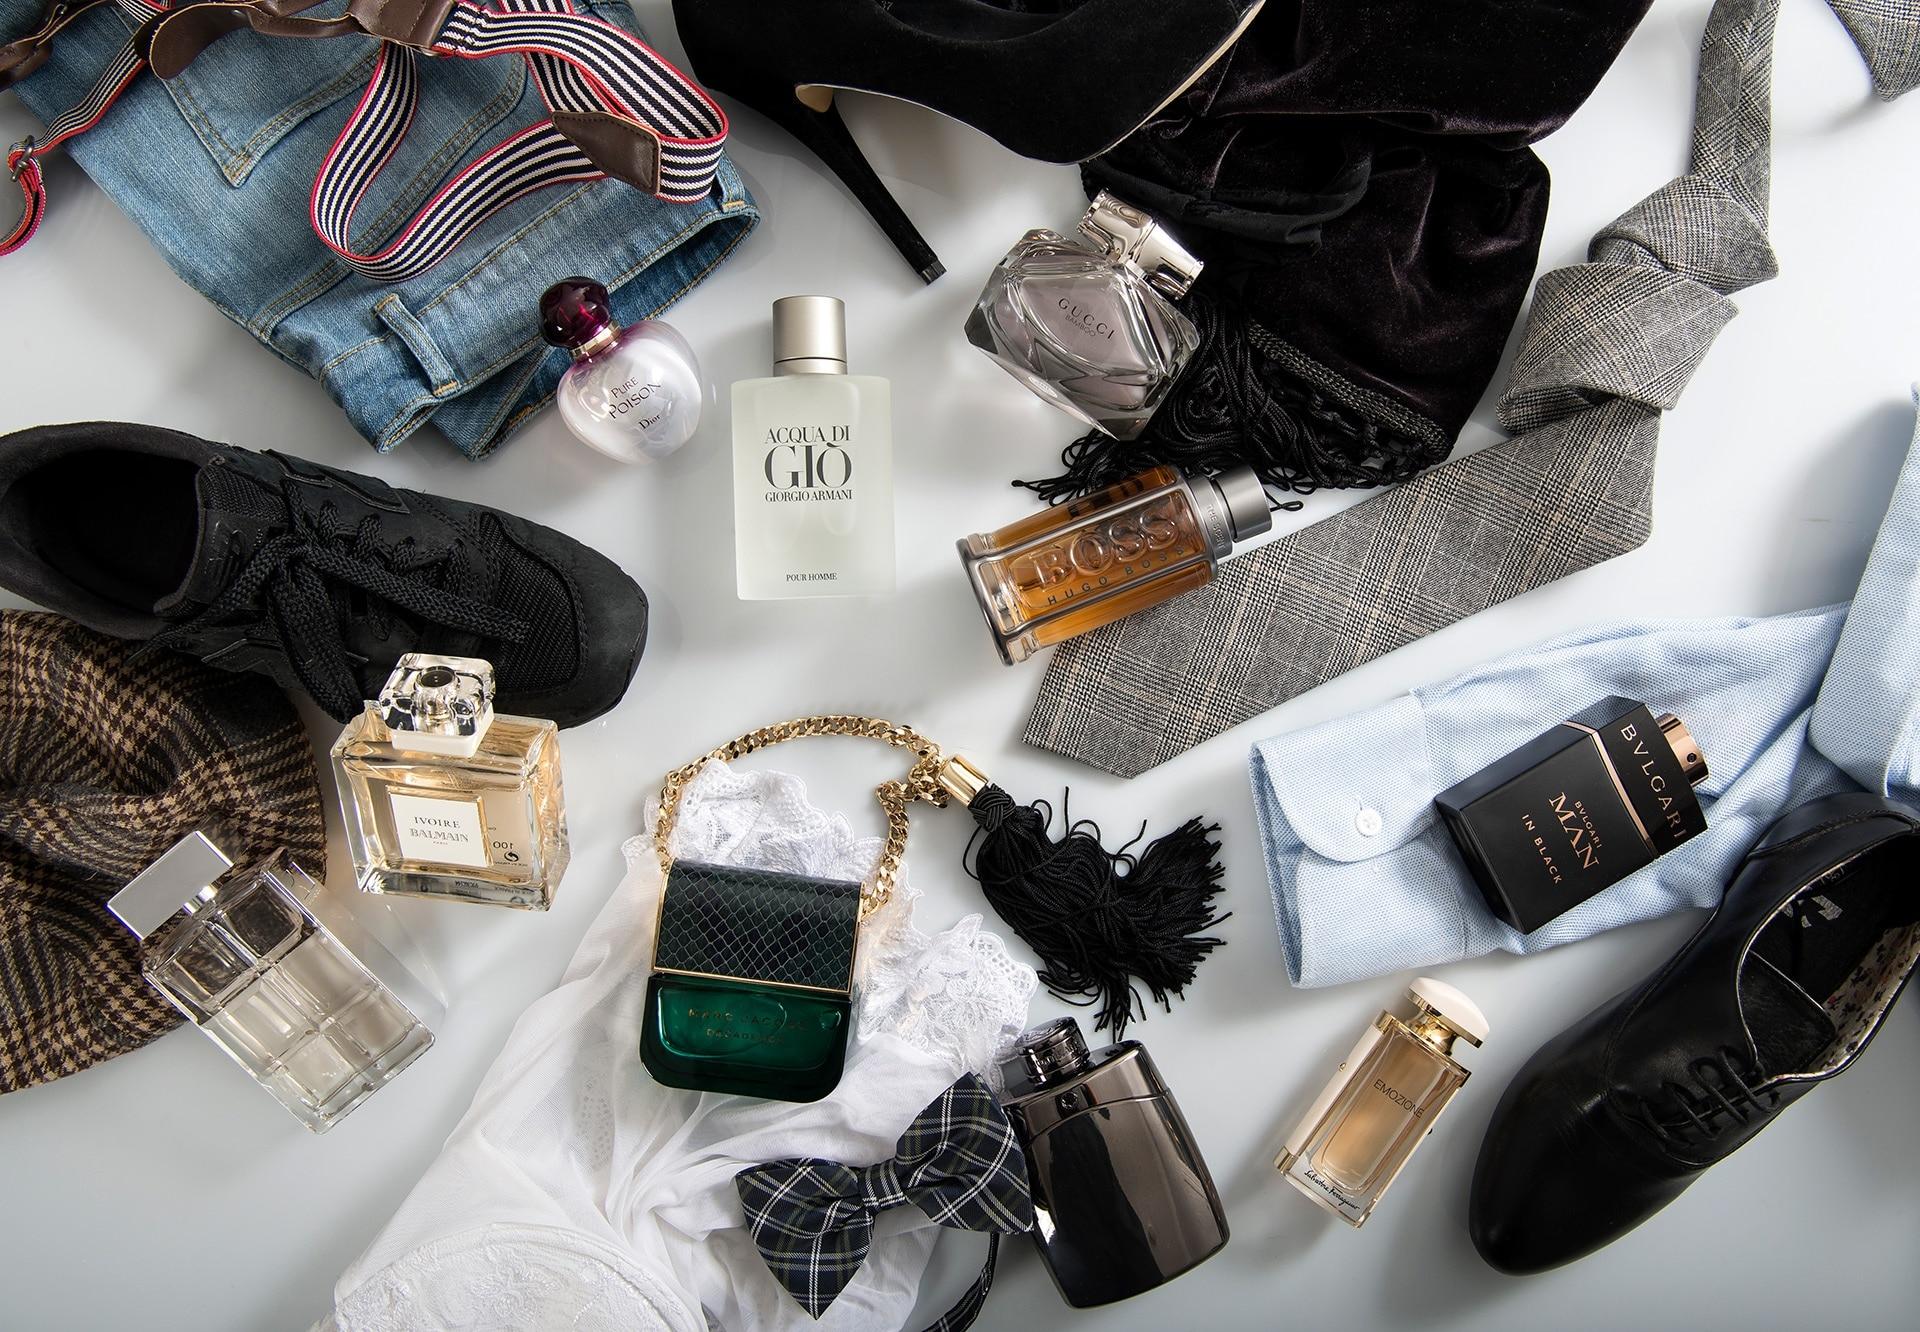 Den store parfymeguiden